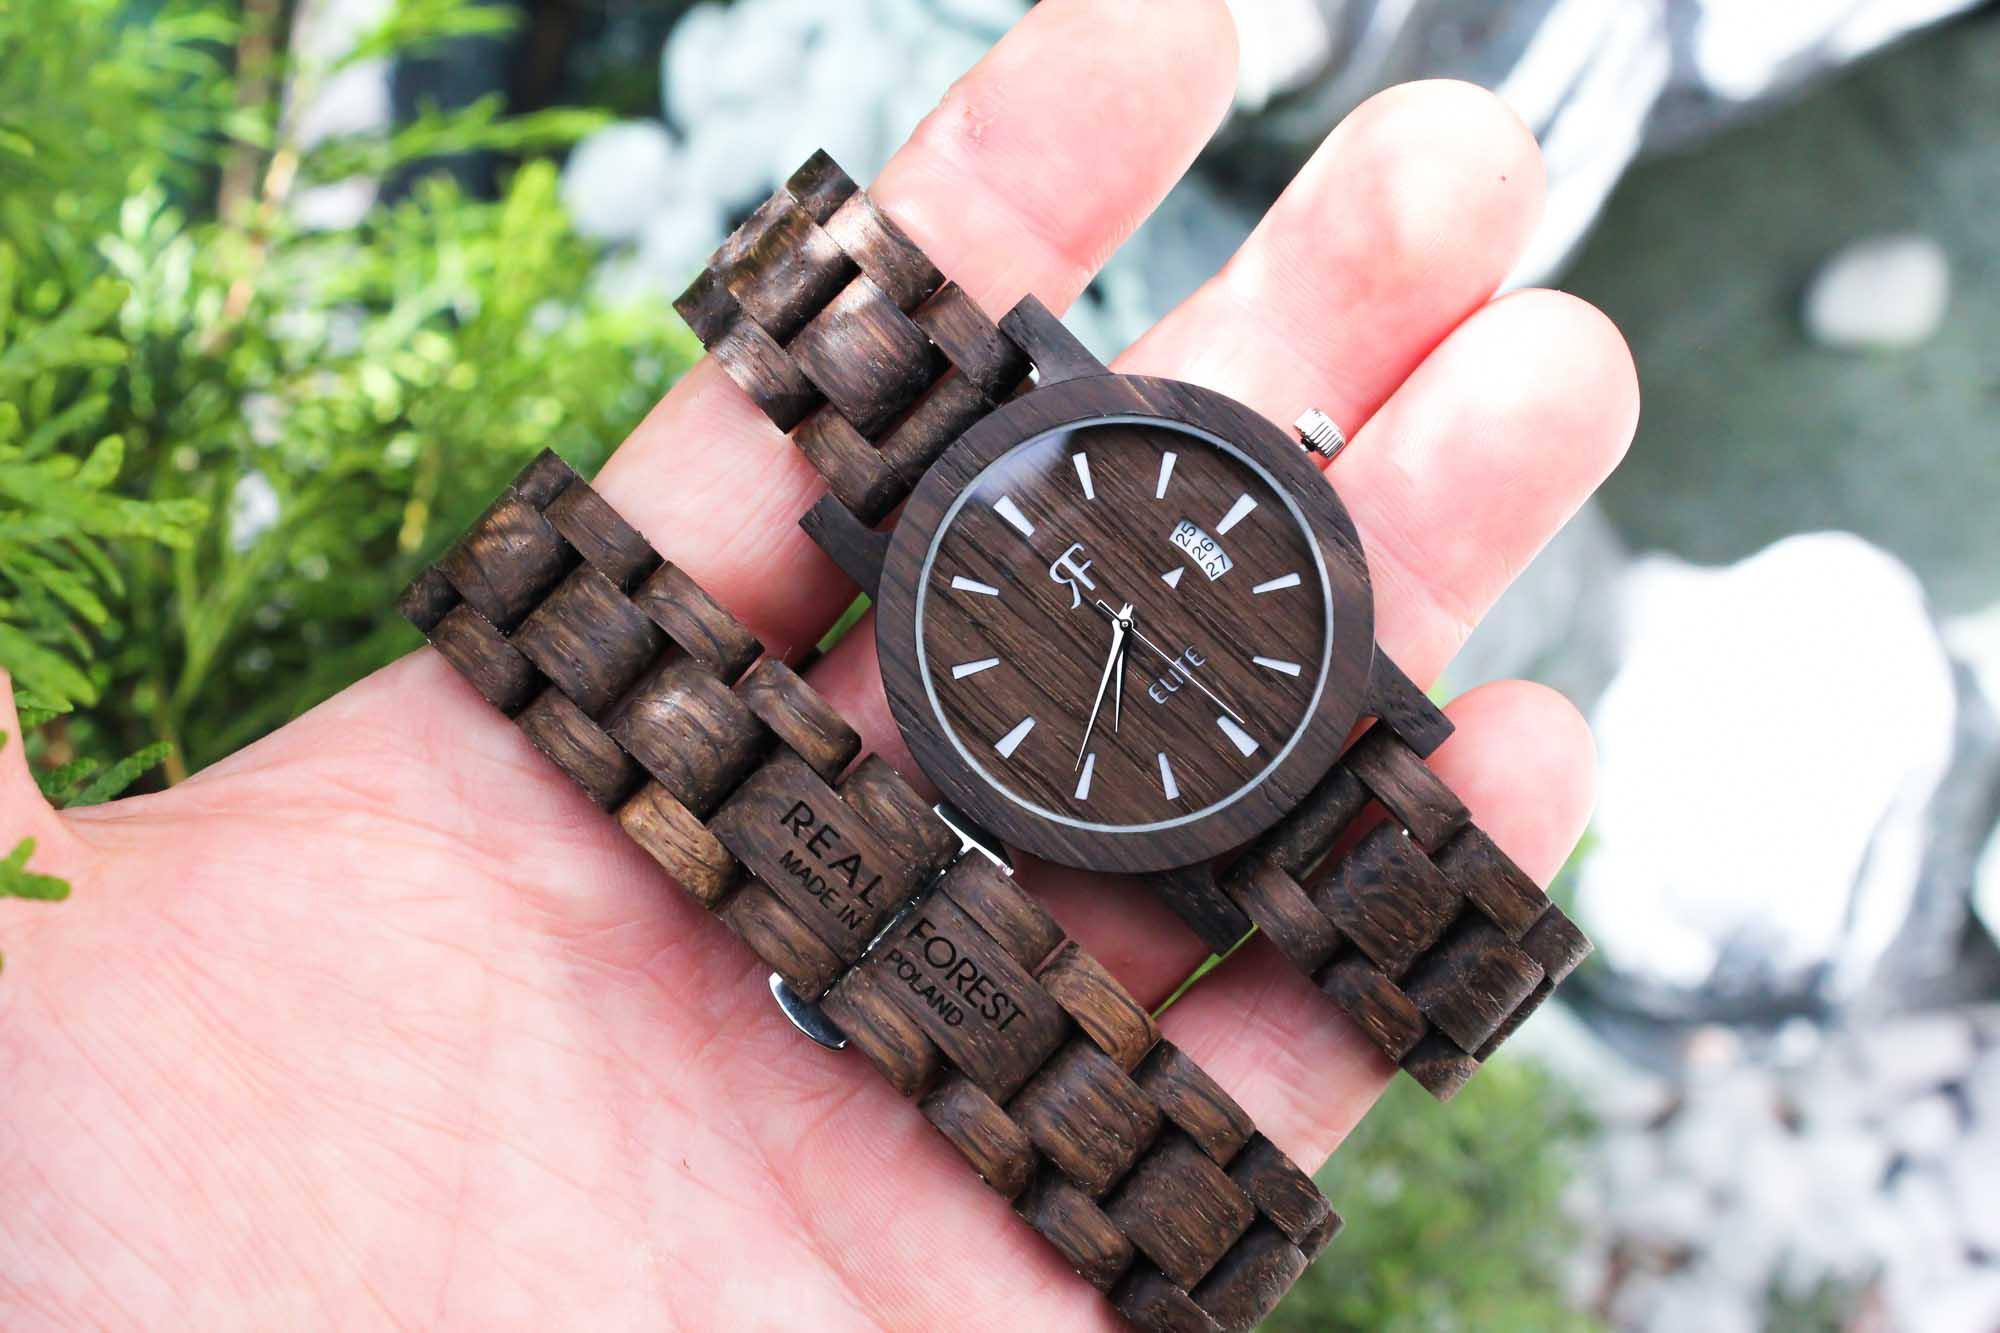 Zegarek drewniany Realforest Elite Czarny Dąb - drewniana bransoleta